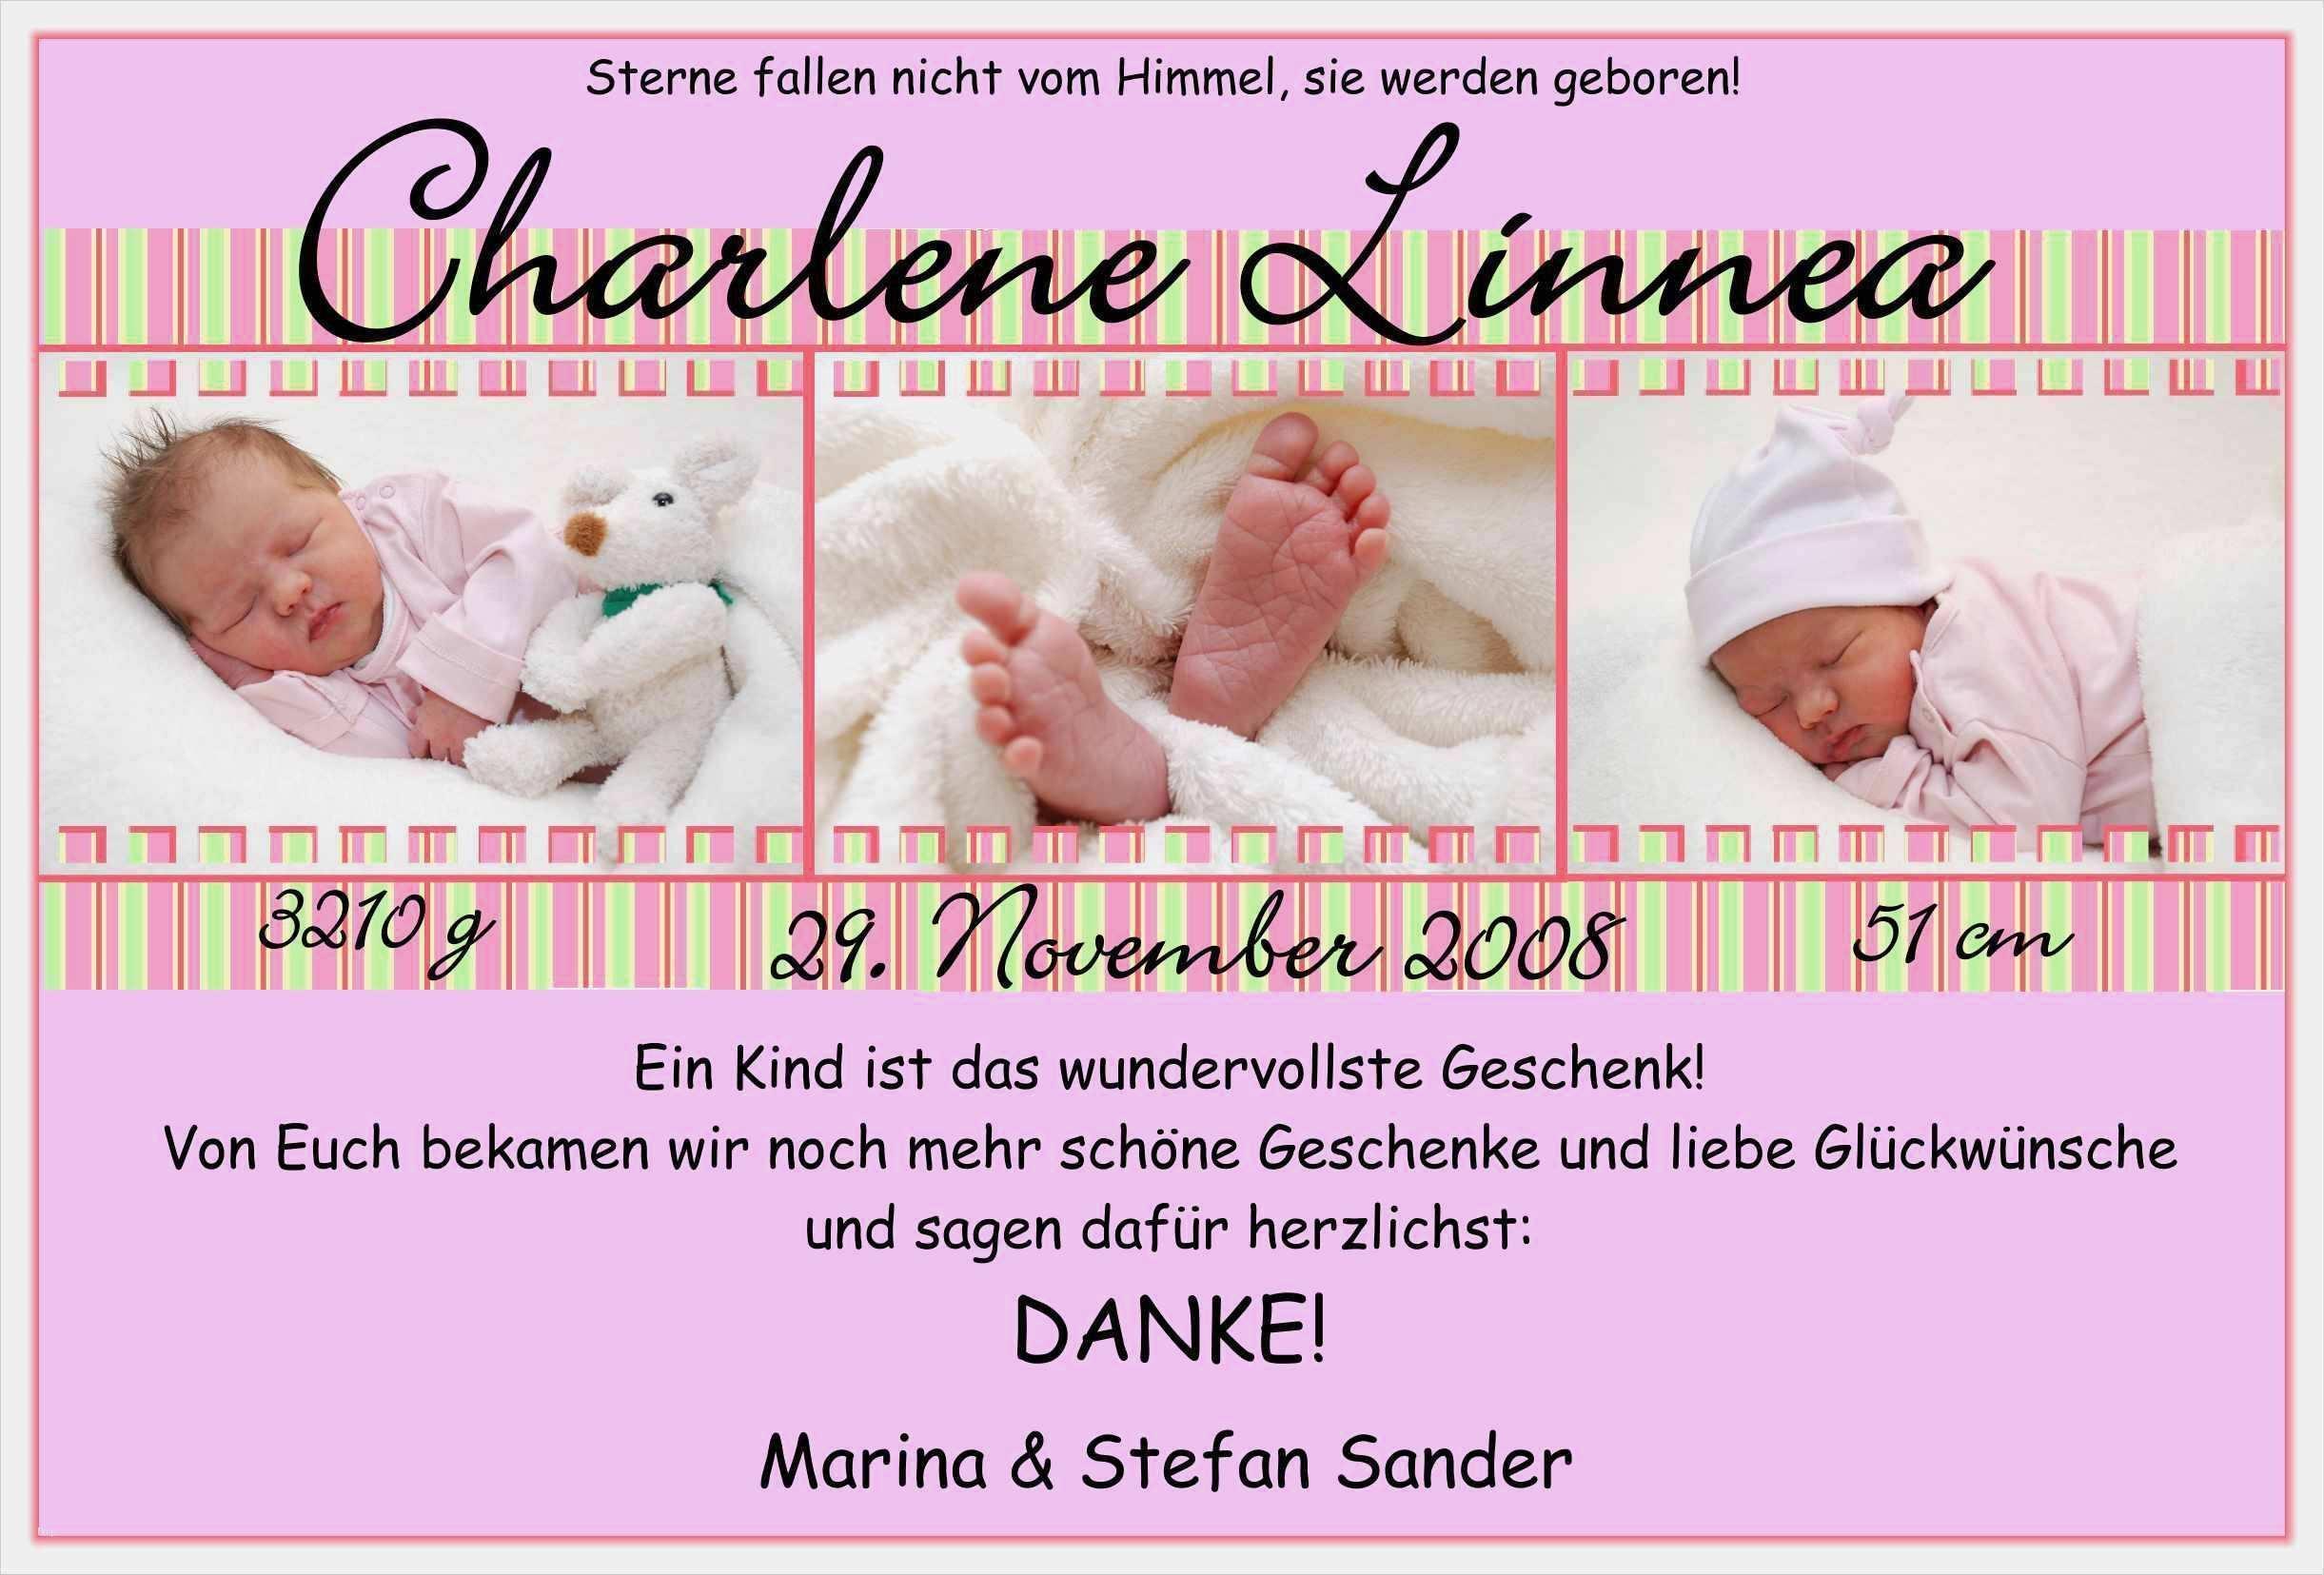 37 Erstaunlich Vorlagen Danksagung Geburt Modelle In 2020 Danksagung Geburt Dankeskarte Geburt Danksagung Konfirmation